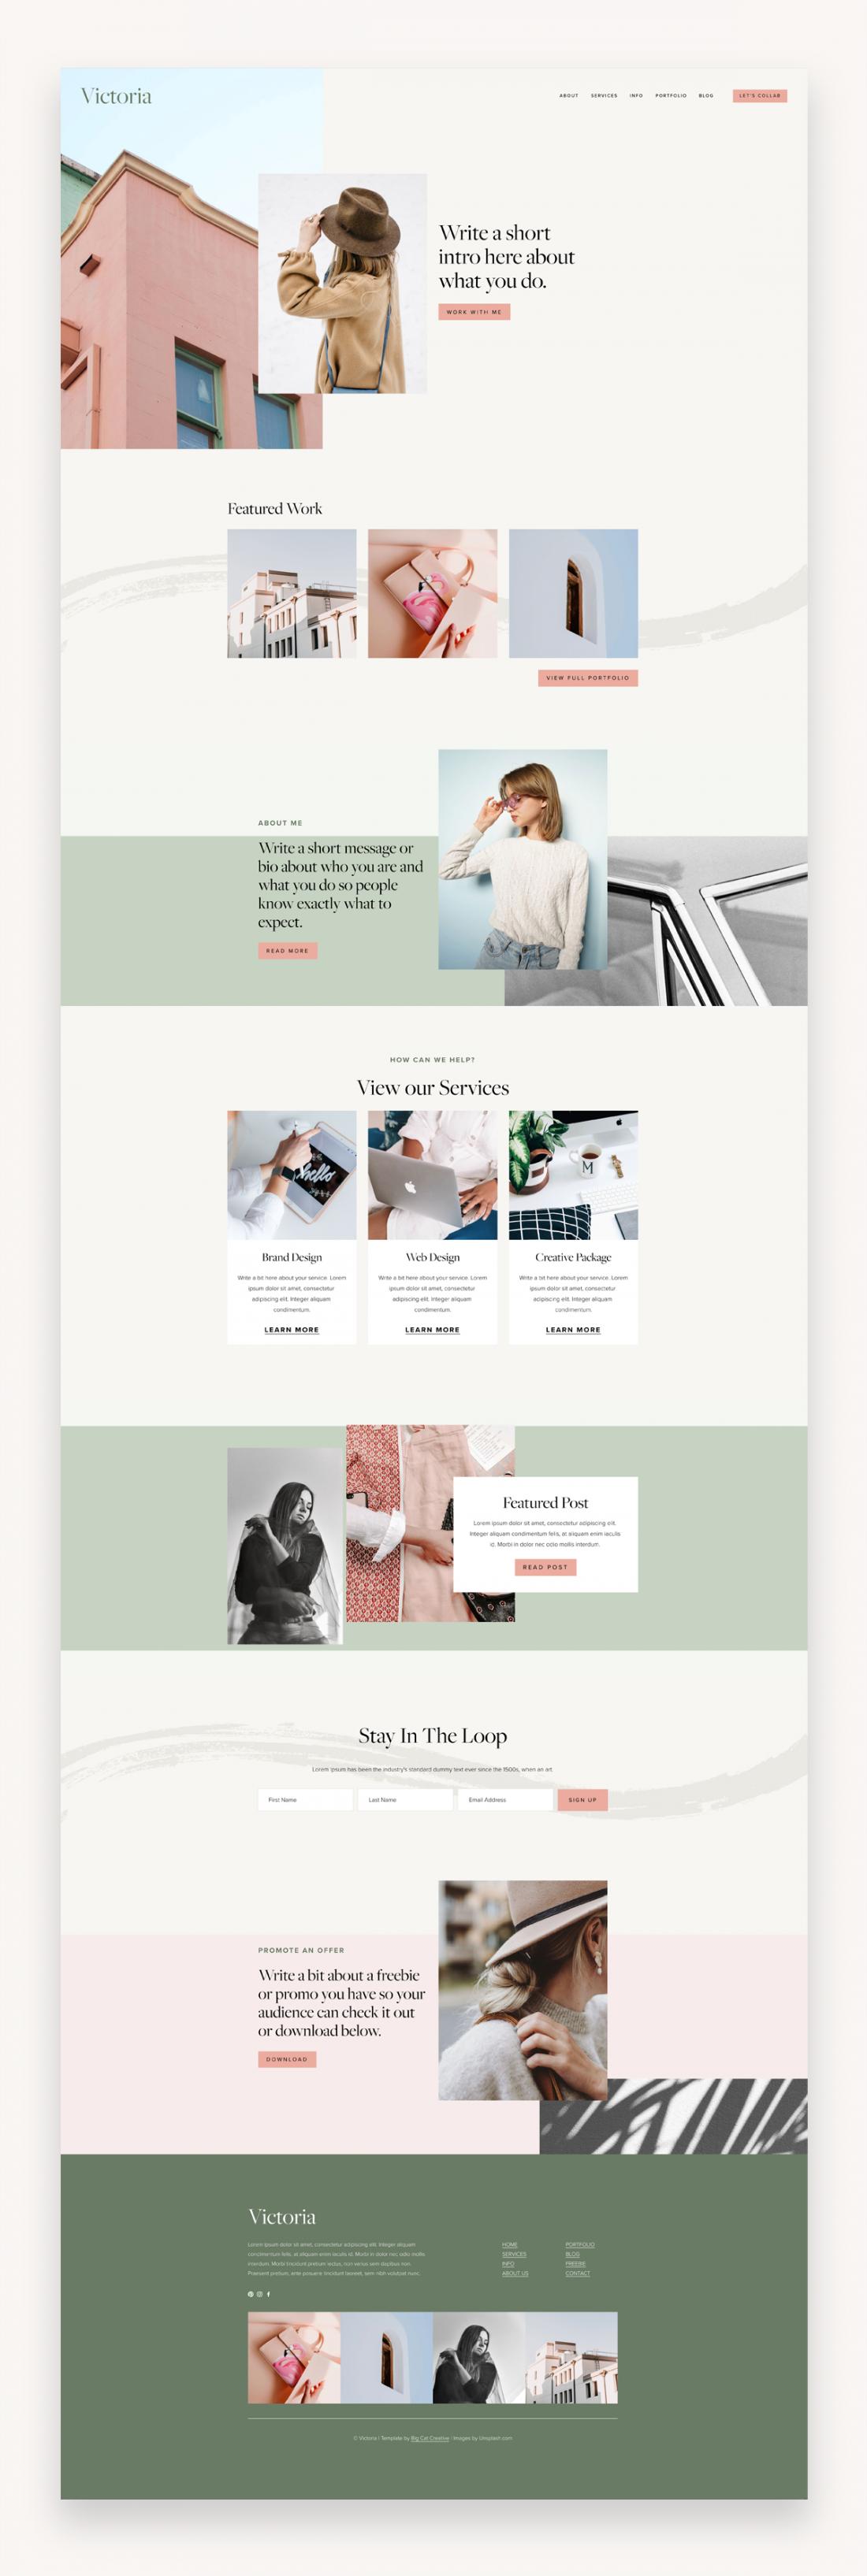 Pin on web design inspo